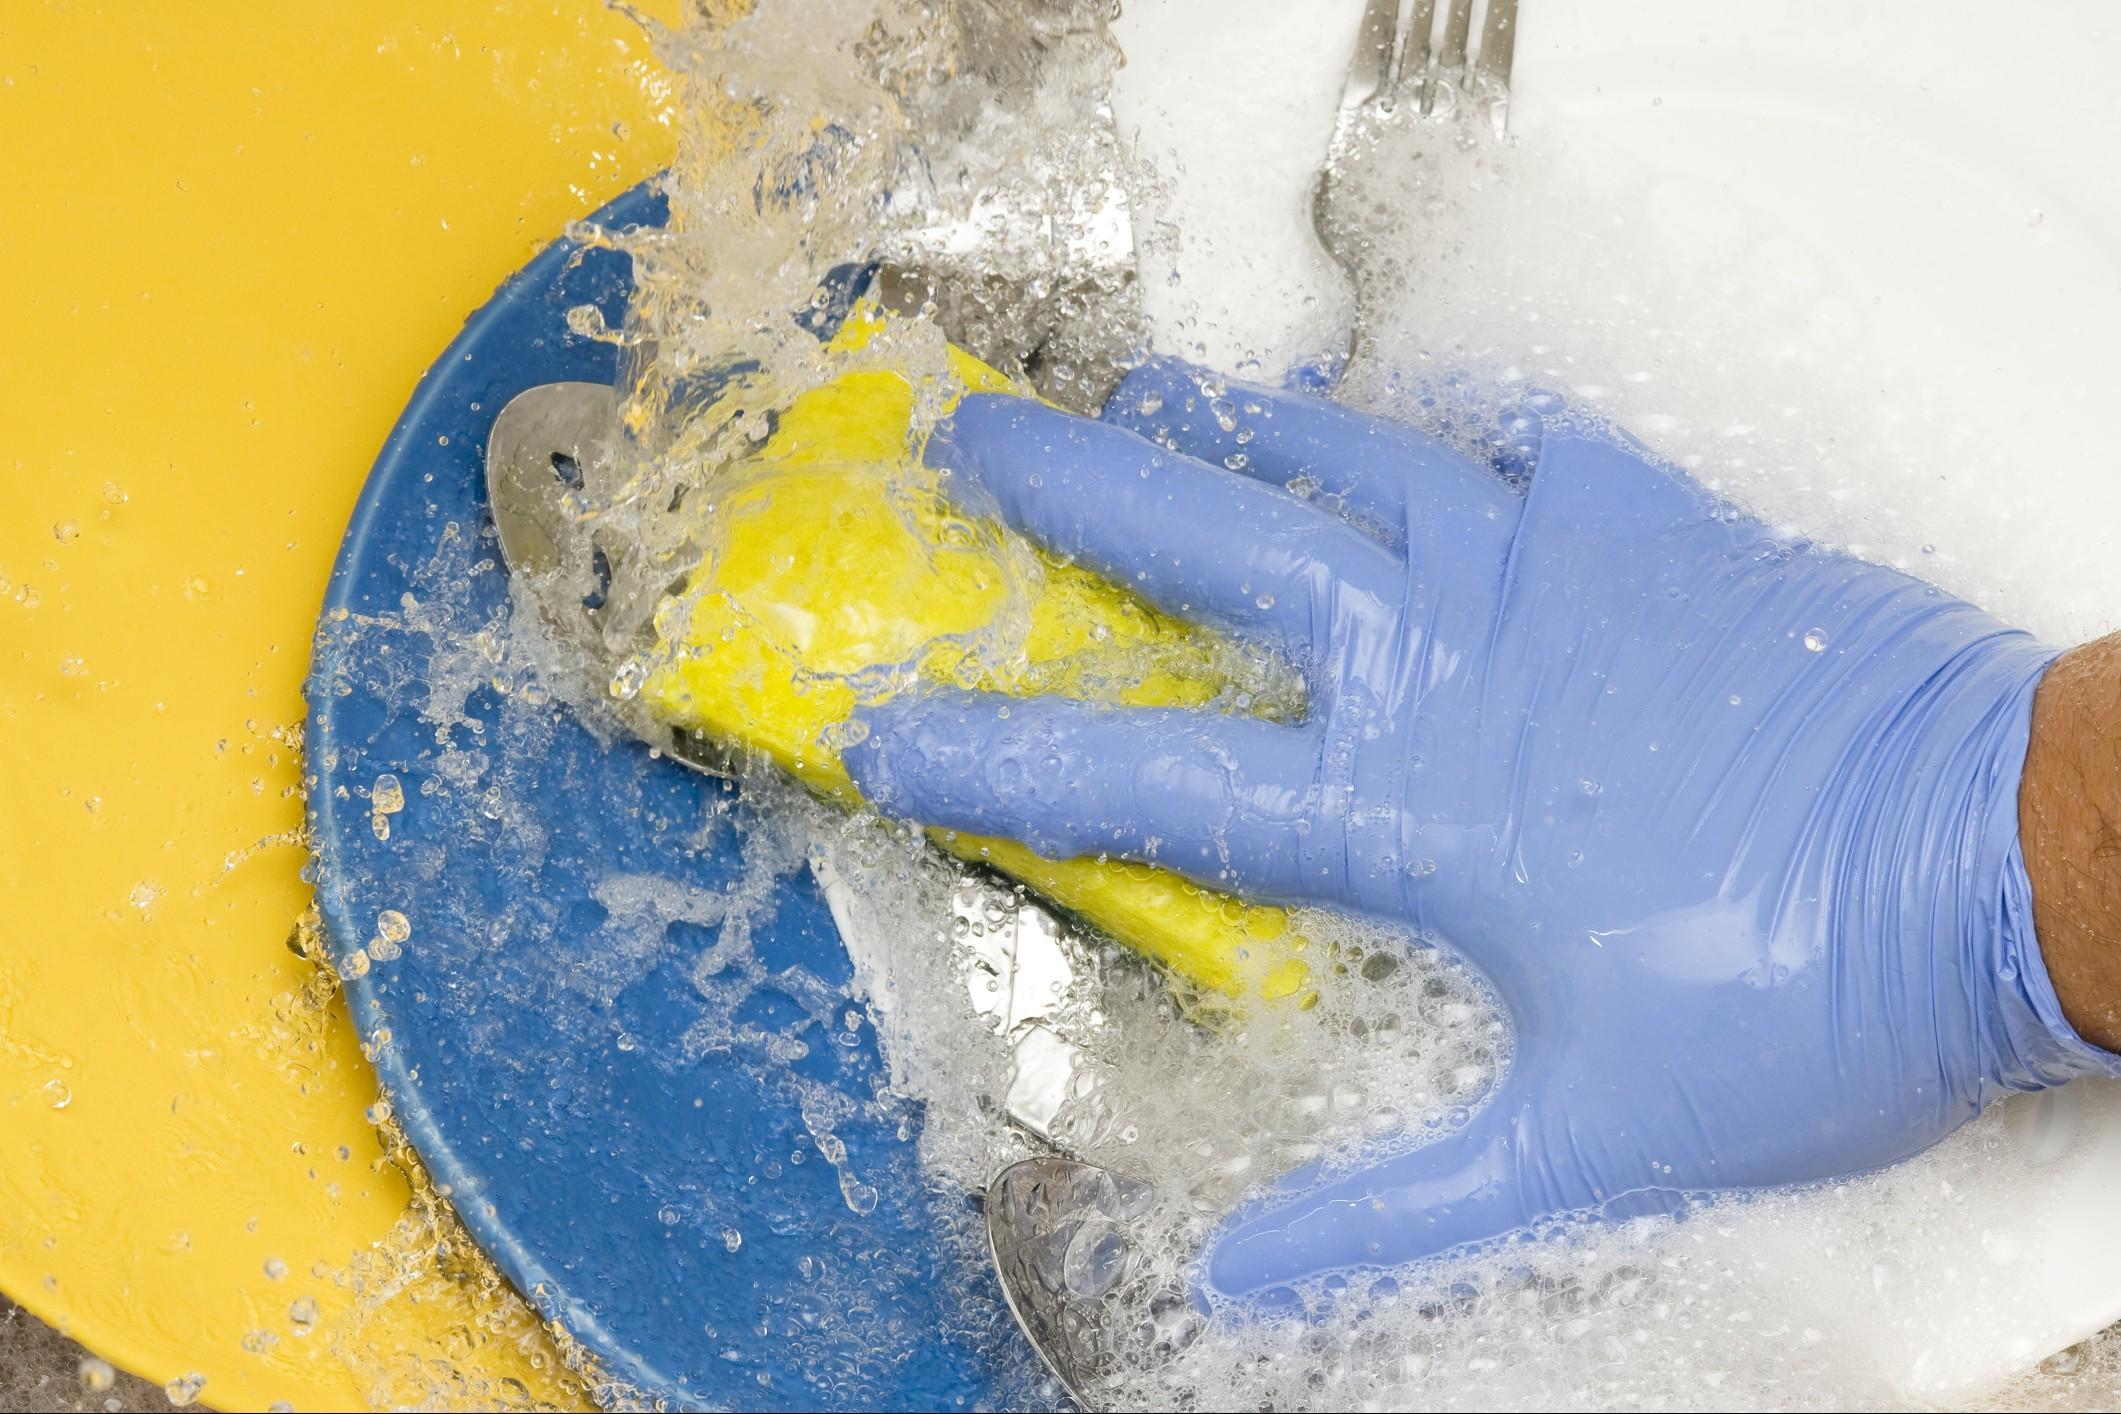 Detersivo per piatti